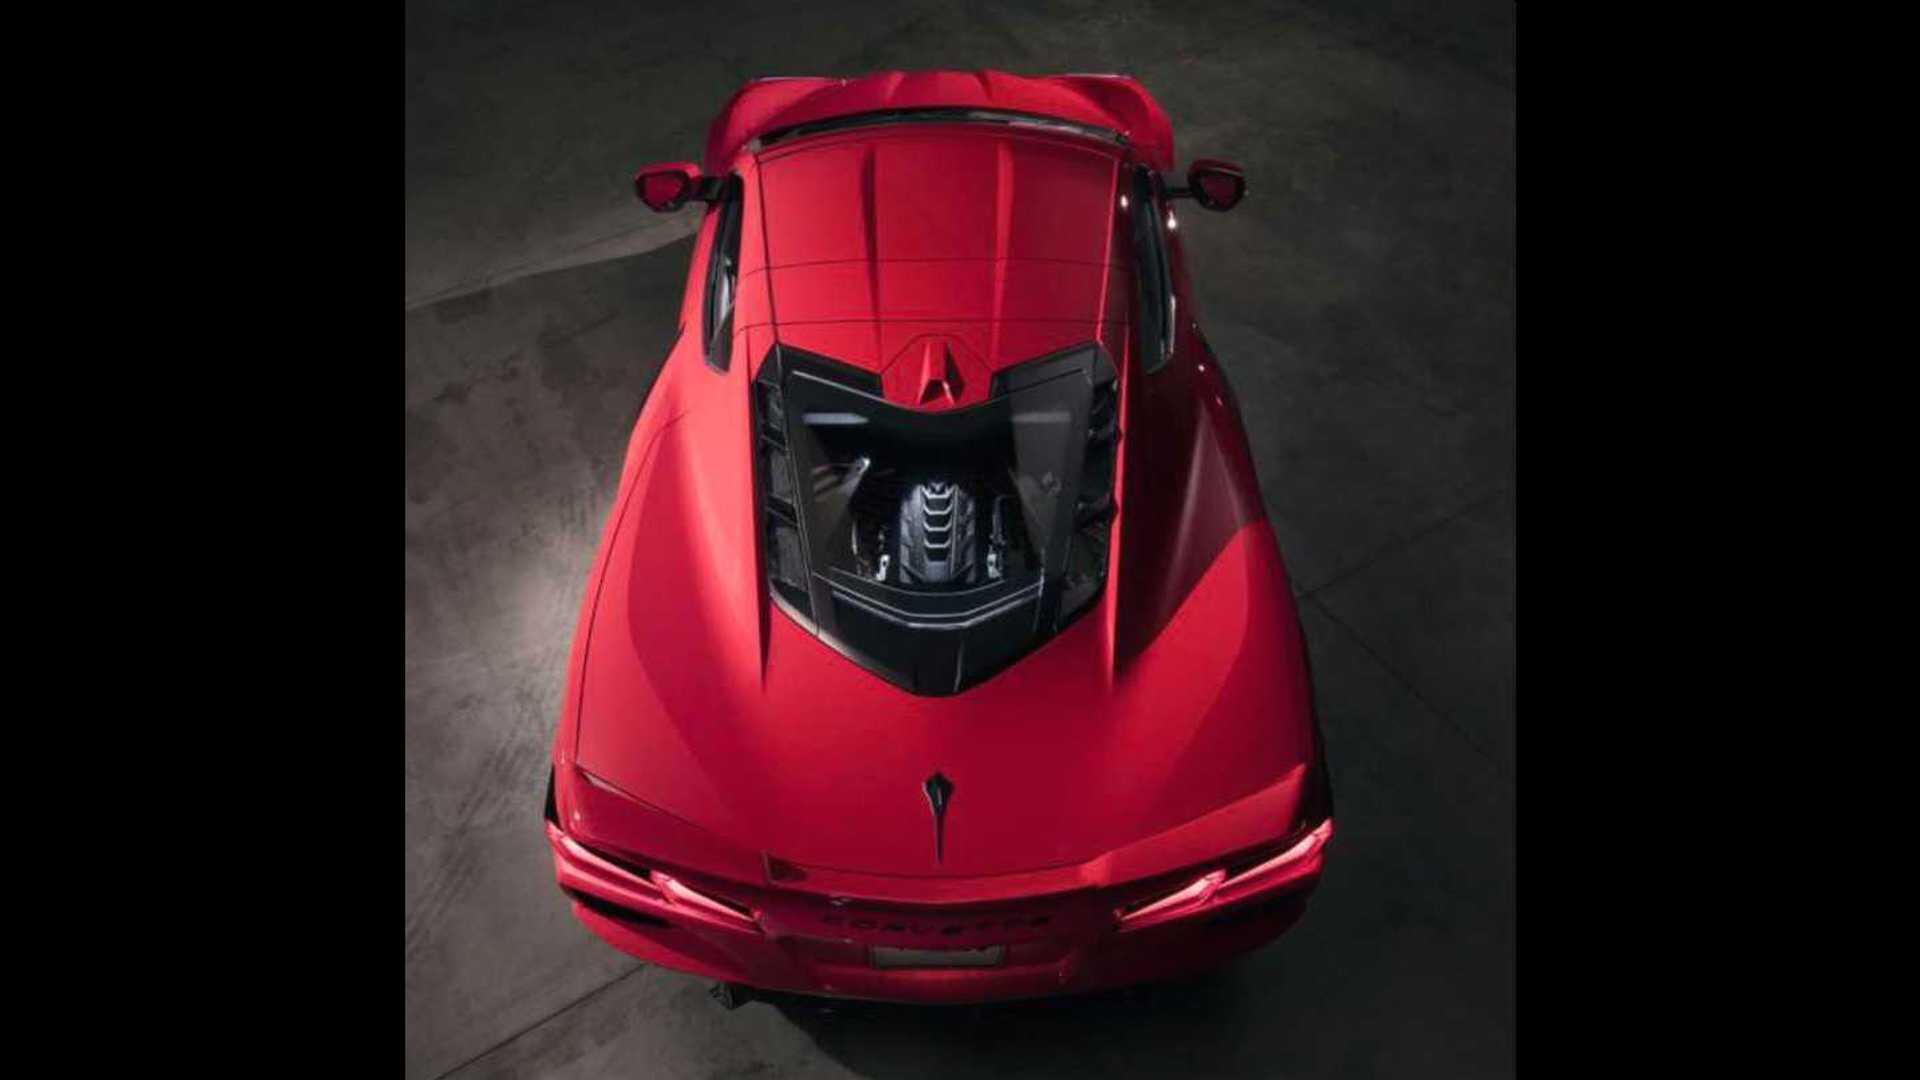 https://cdn.dailyxe.com.vn/image/chevrolet-corvette-2020-co-mot-so-tinh-nang-an-tuyet-voi-46-94550j2.jpg